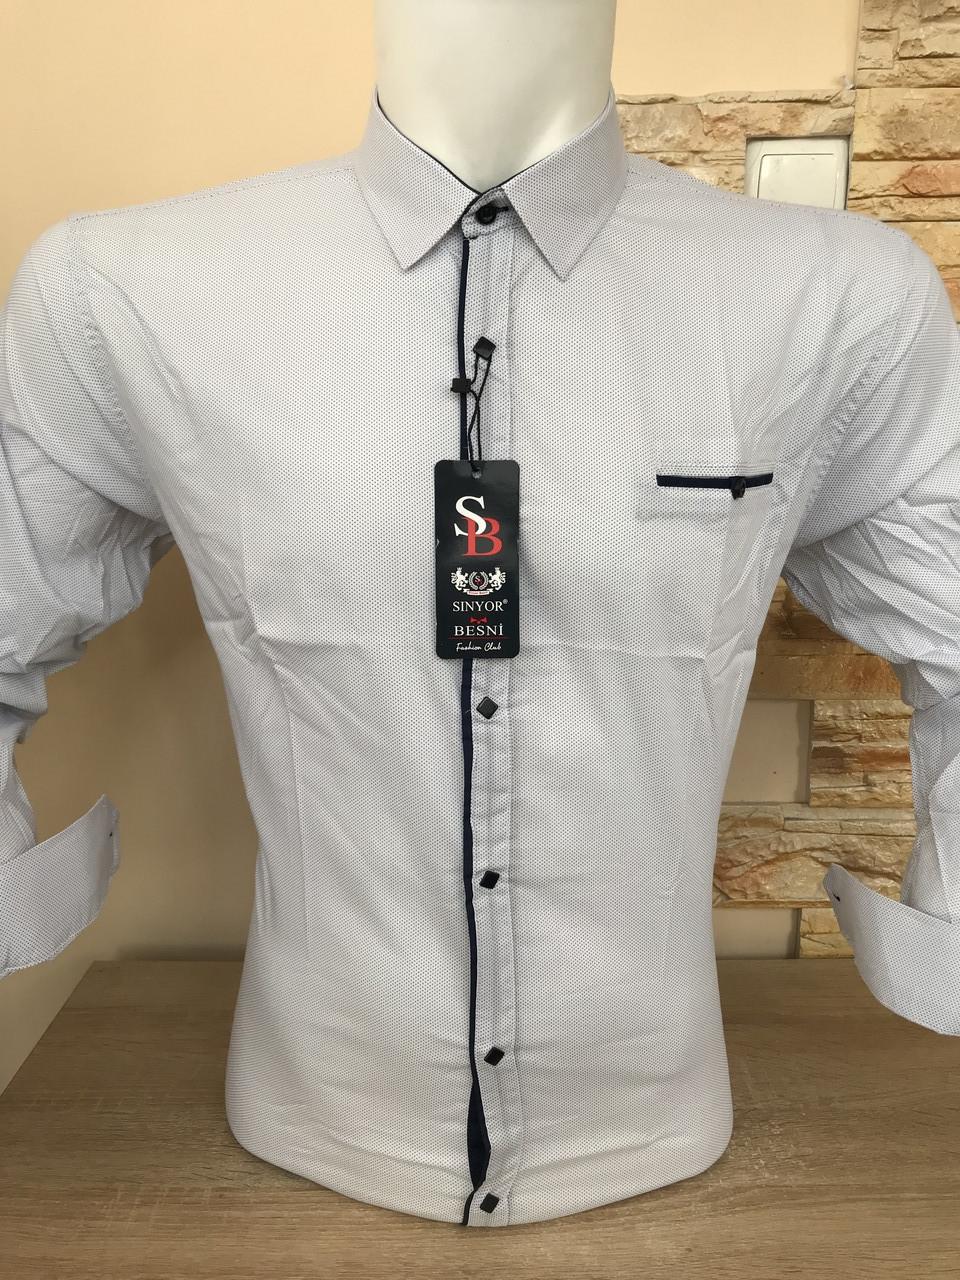 Розпродаж!!! Біла сорочка Seniyor Besni з принтом